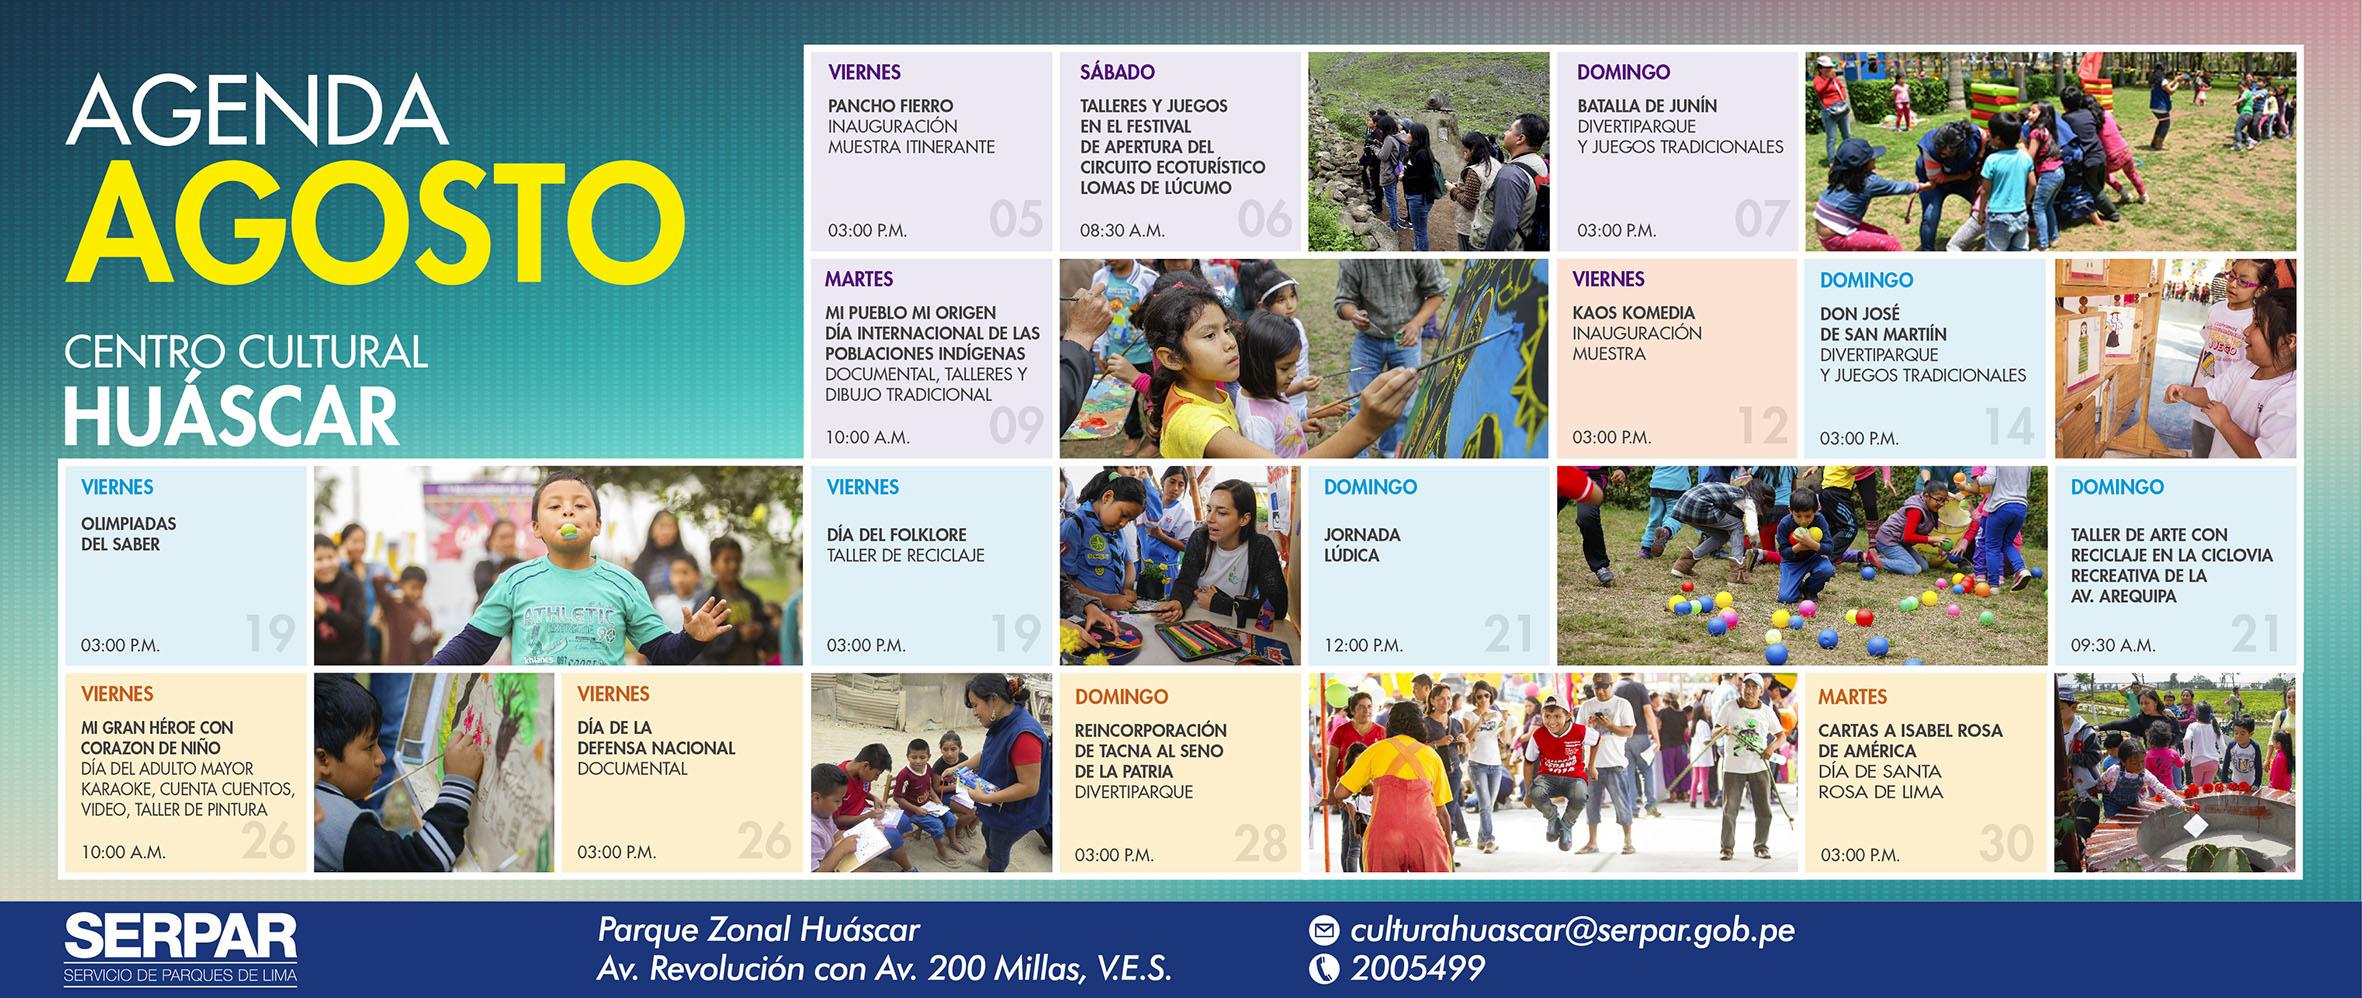 web_agenda_cultura_AGOSTO-02